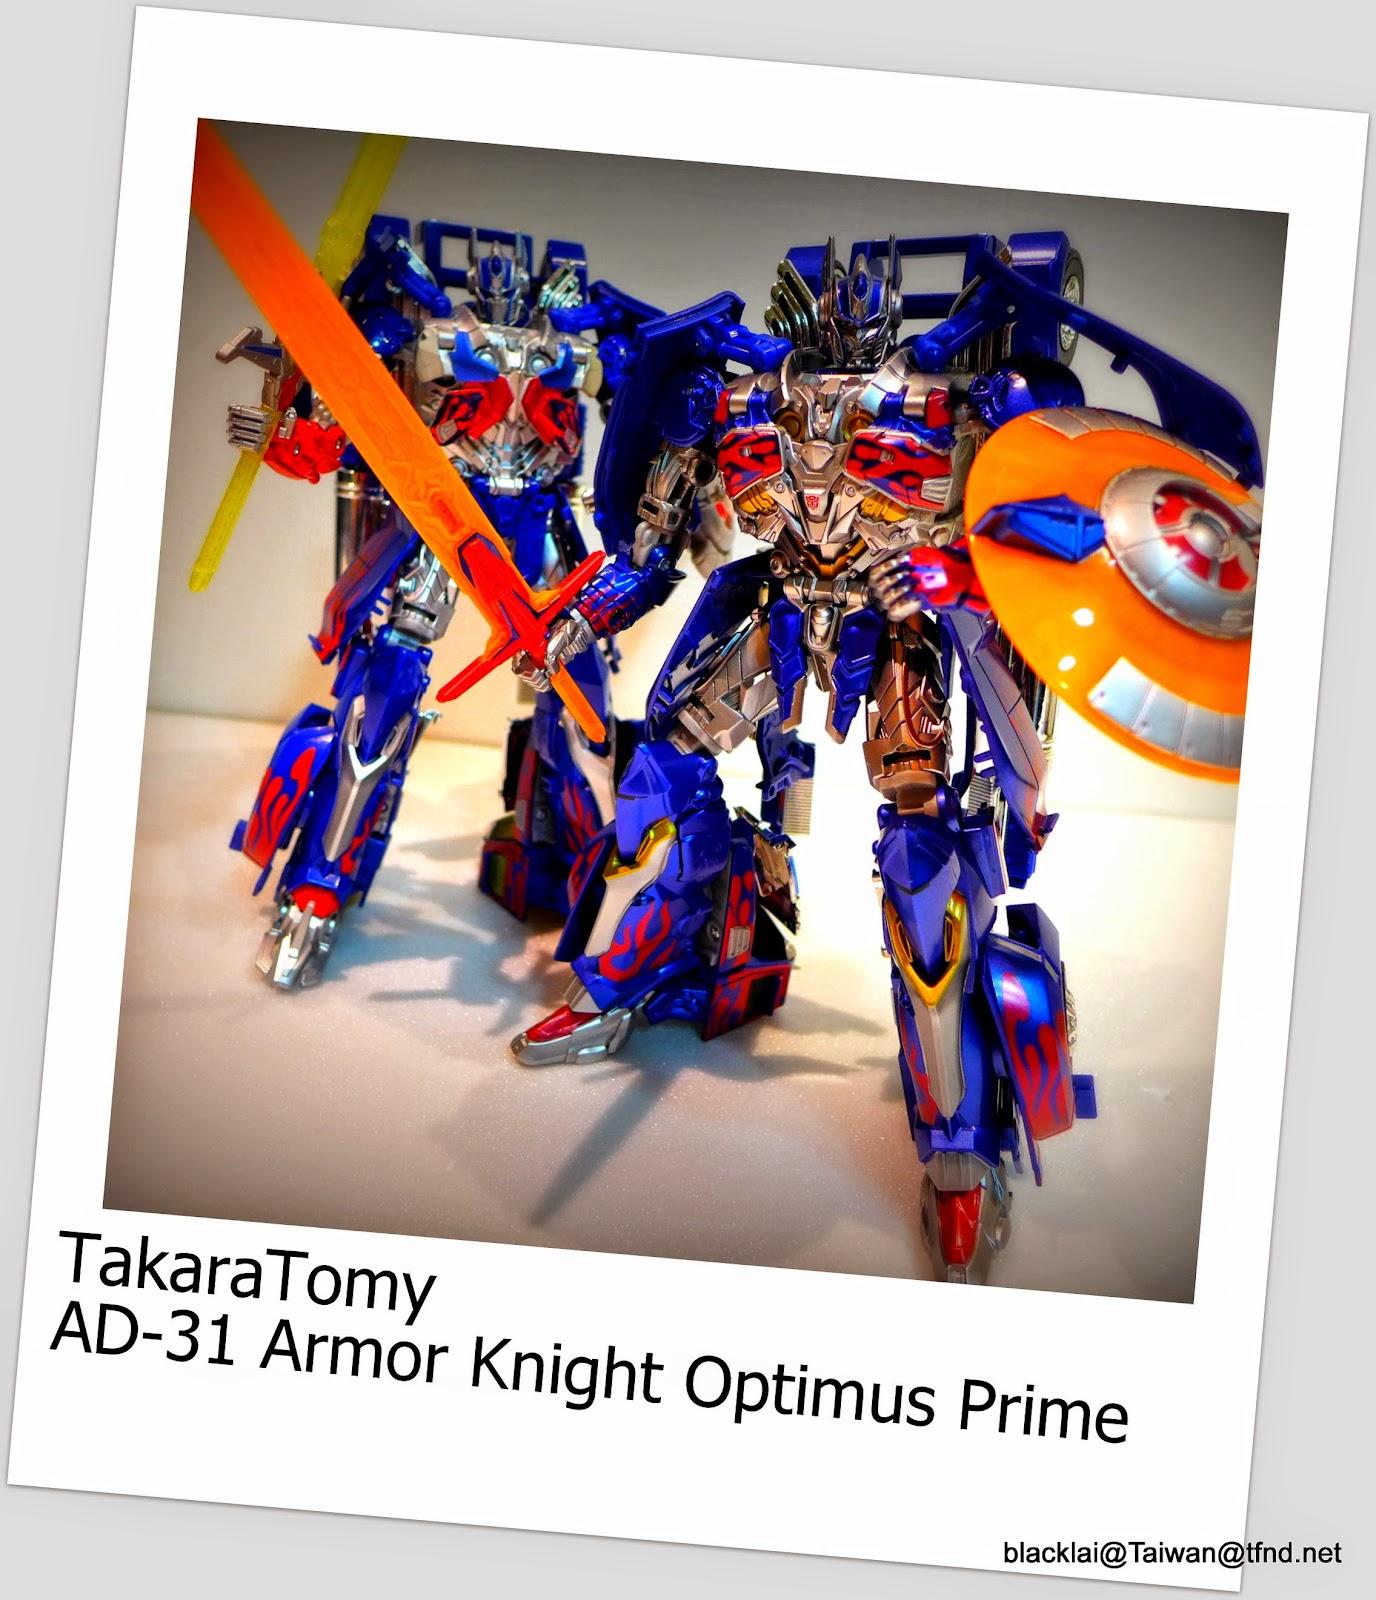 Takara Tomy Ad-31 Armor Knight Optimus Prime Takara Tomy Ad-31 Armor Knight